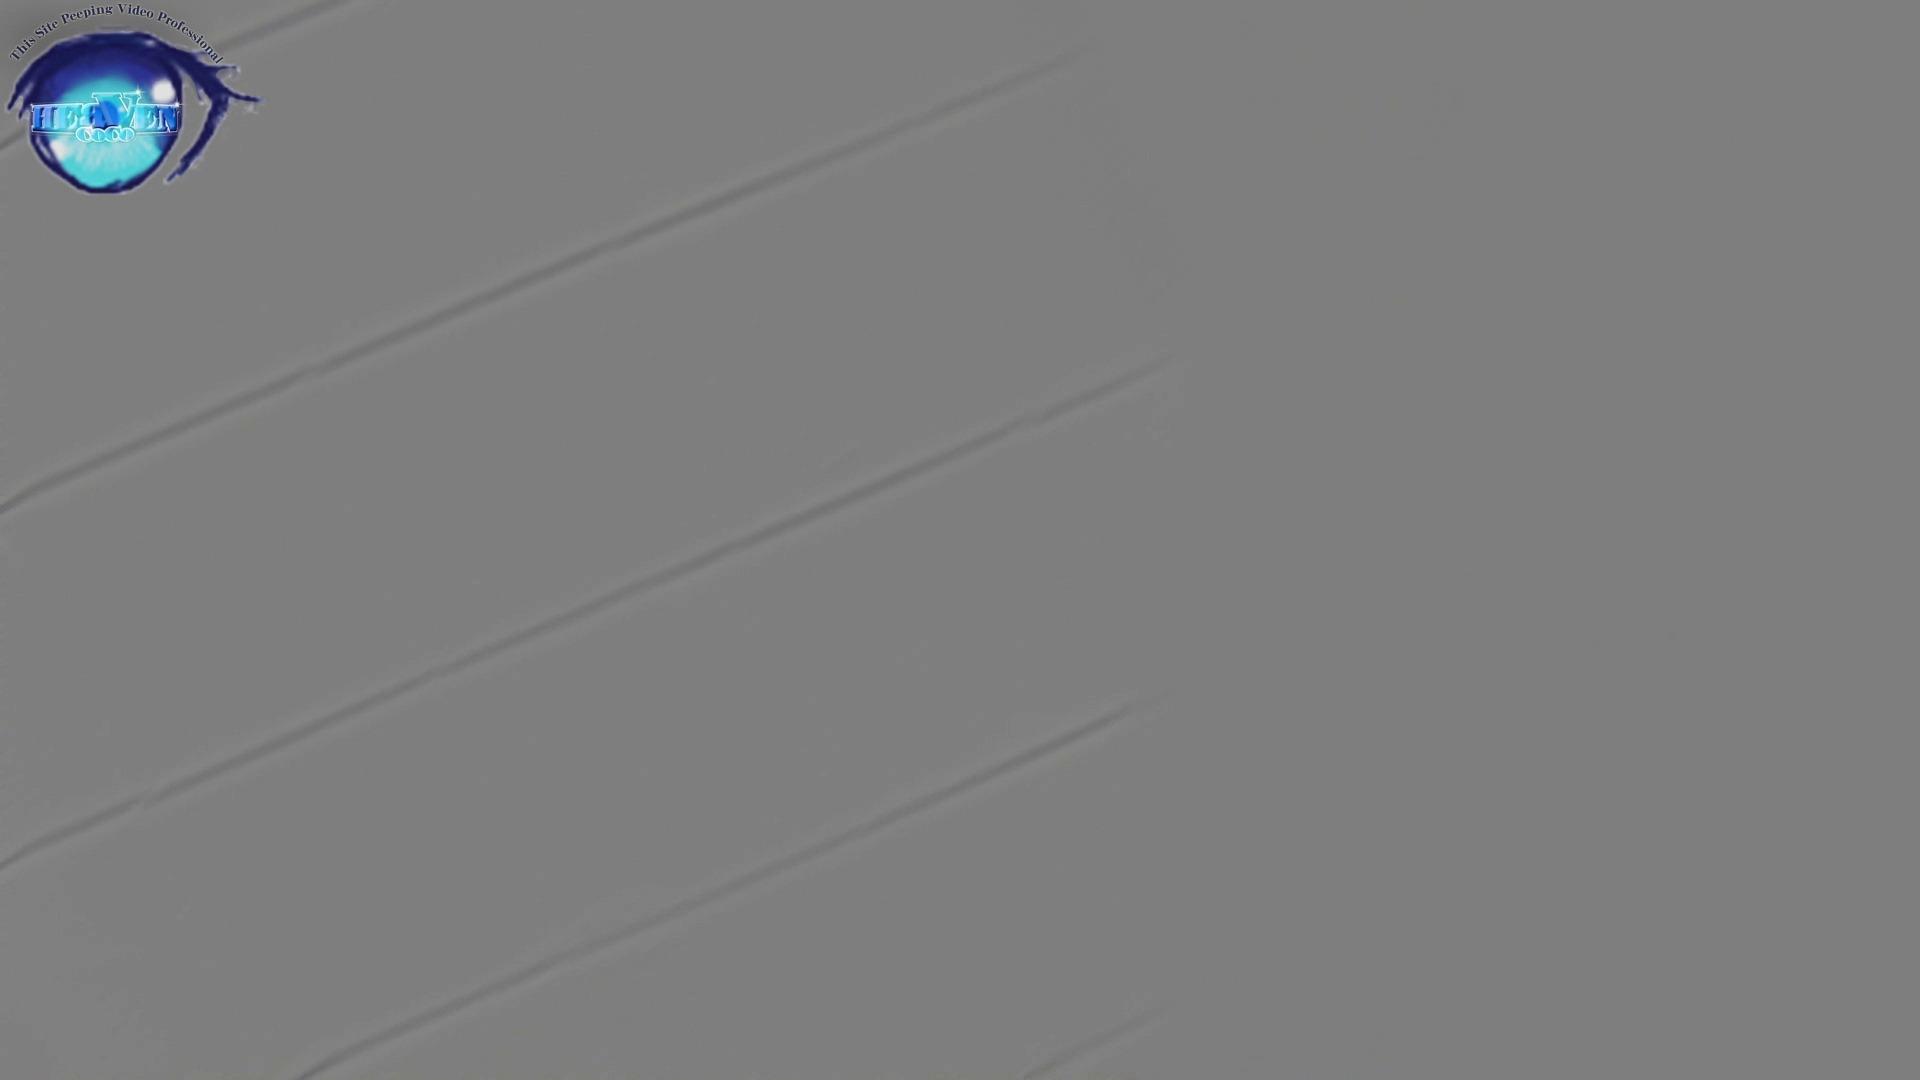 お銀さん vol.59 ピンチ!!「鏡の前で祈る女性」にばれる危機 前編 美人   OL女体  108連発 55